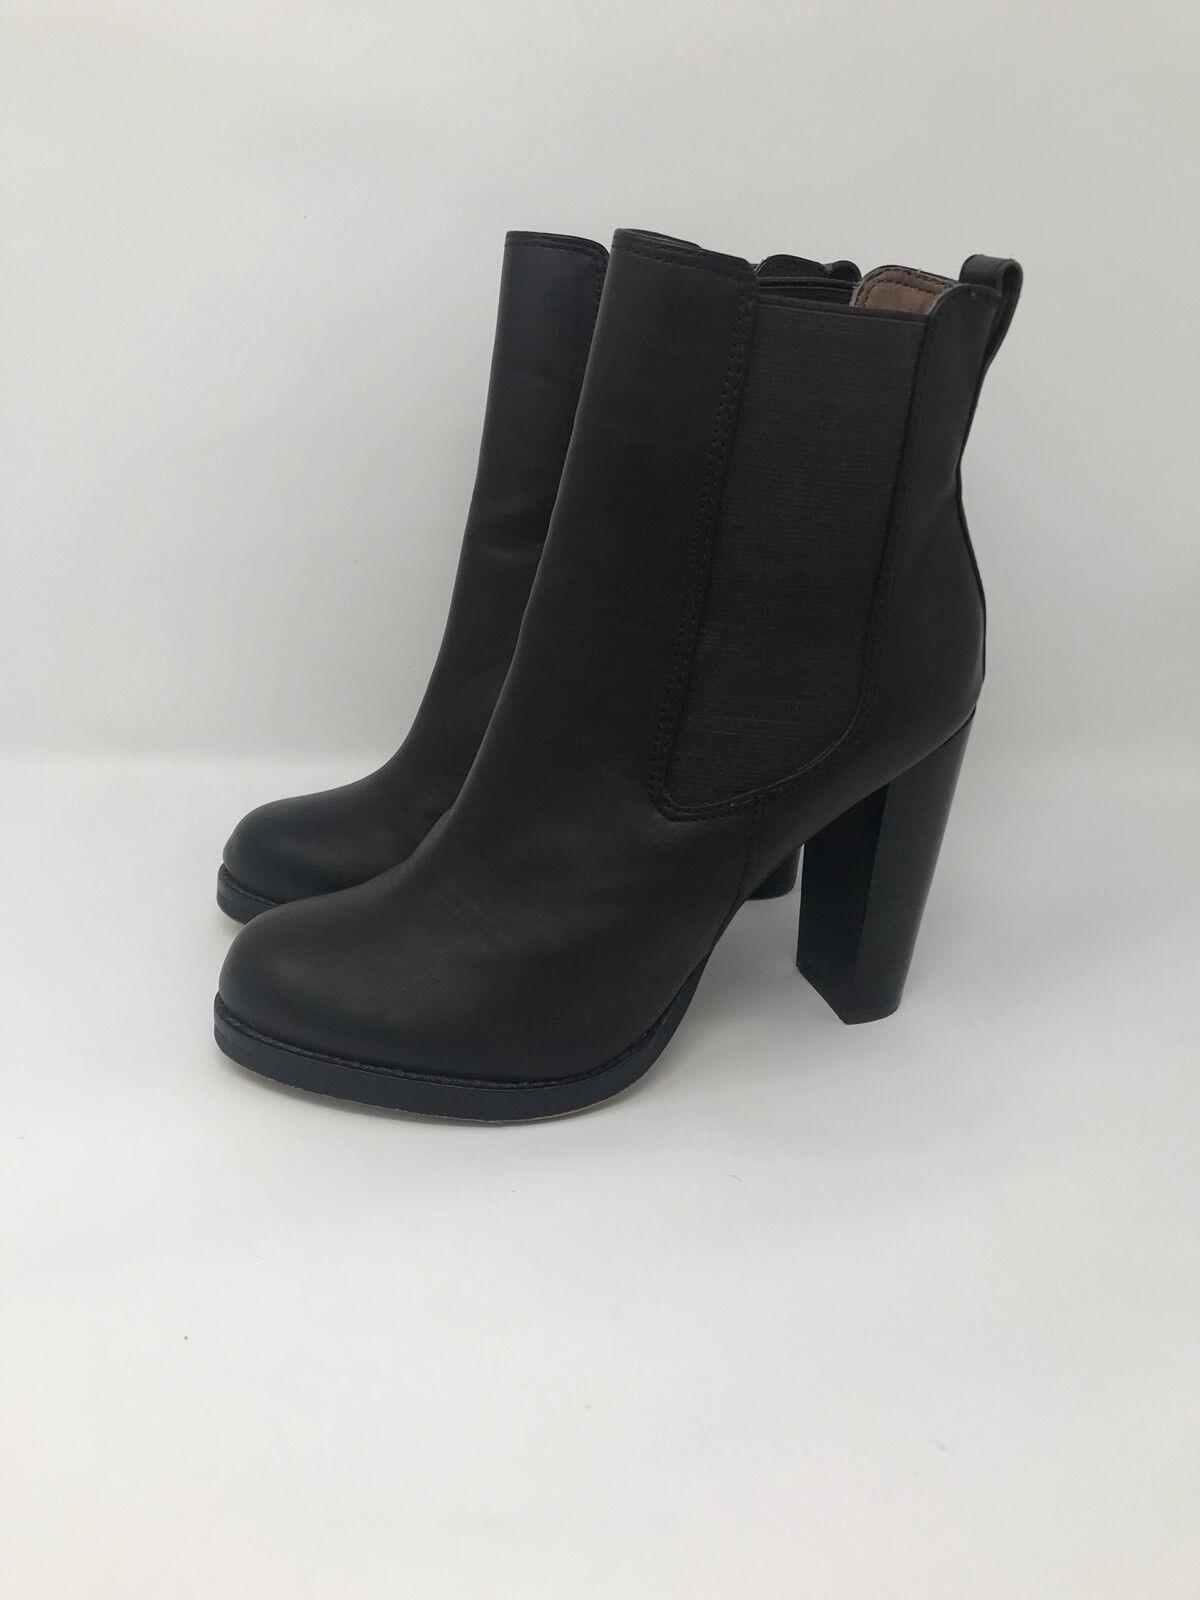 Loft para mujer botas de Tacón Alto Chelsea Marrón Talla Talla Talla 6.5 m  70  soporte minorista mayorista